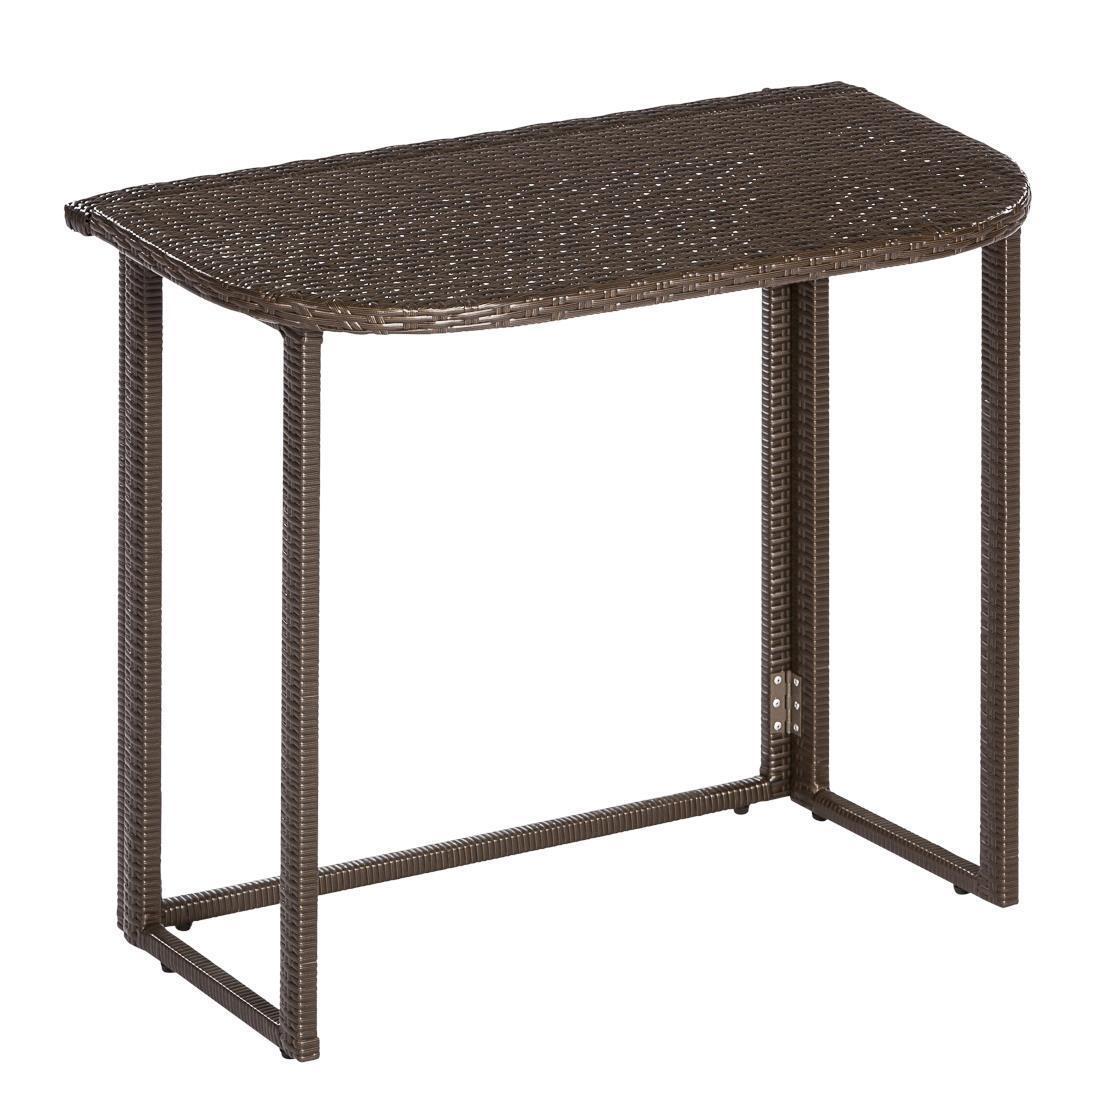 Merxx Gartentisch Klappentisch halbrund 90 90 90 x 50 cm braun Stahl Kunststoff 5c4a09